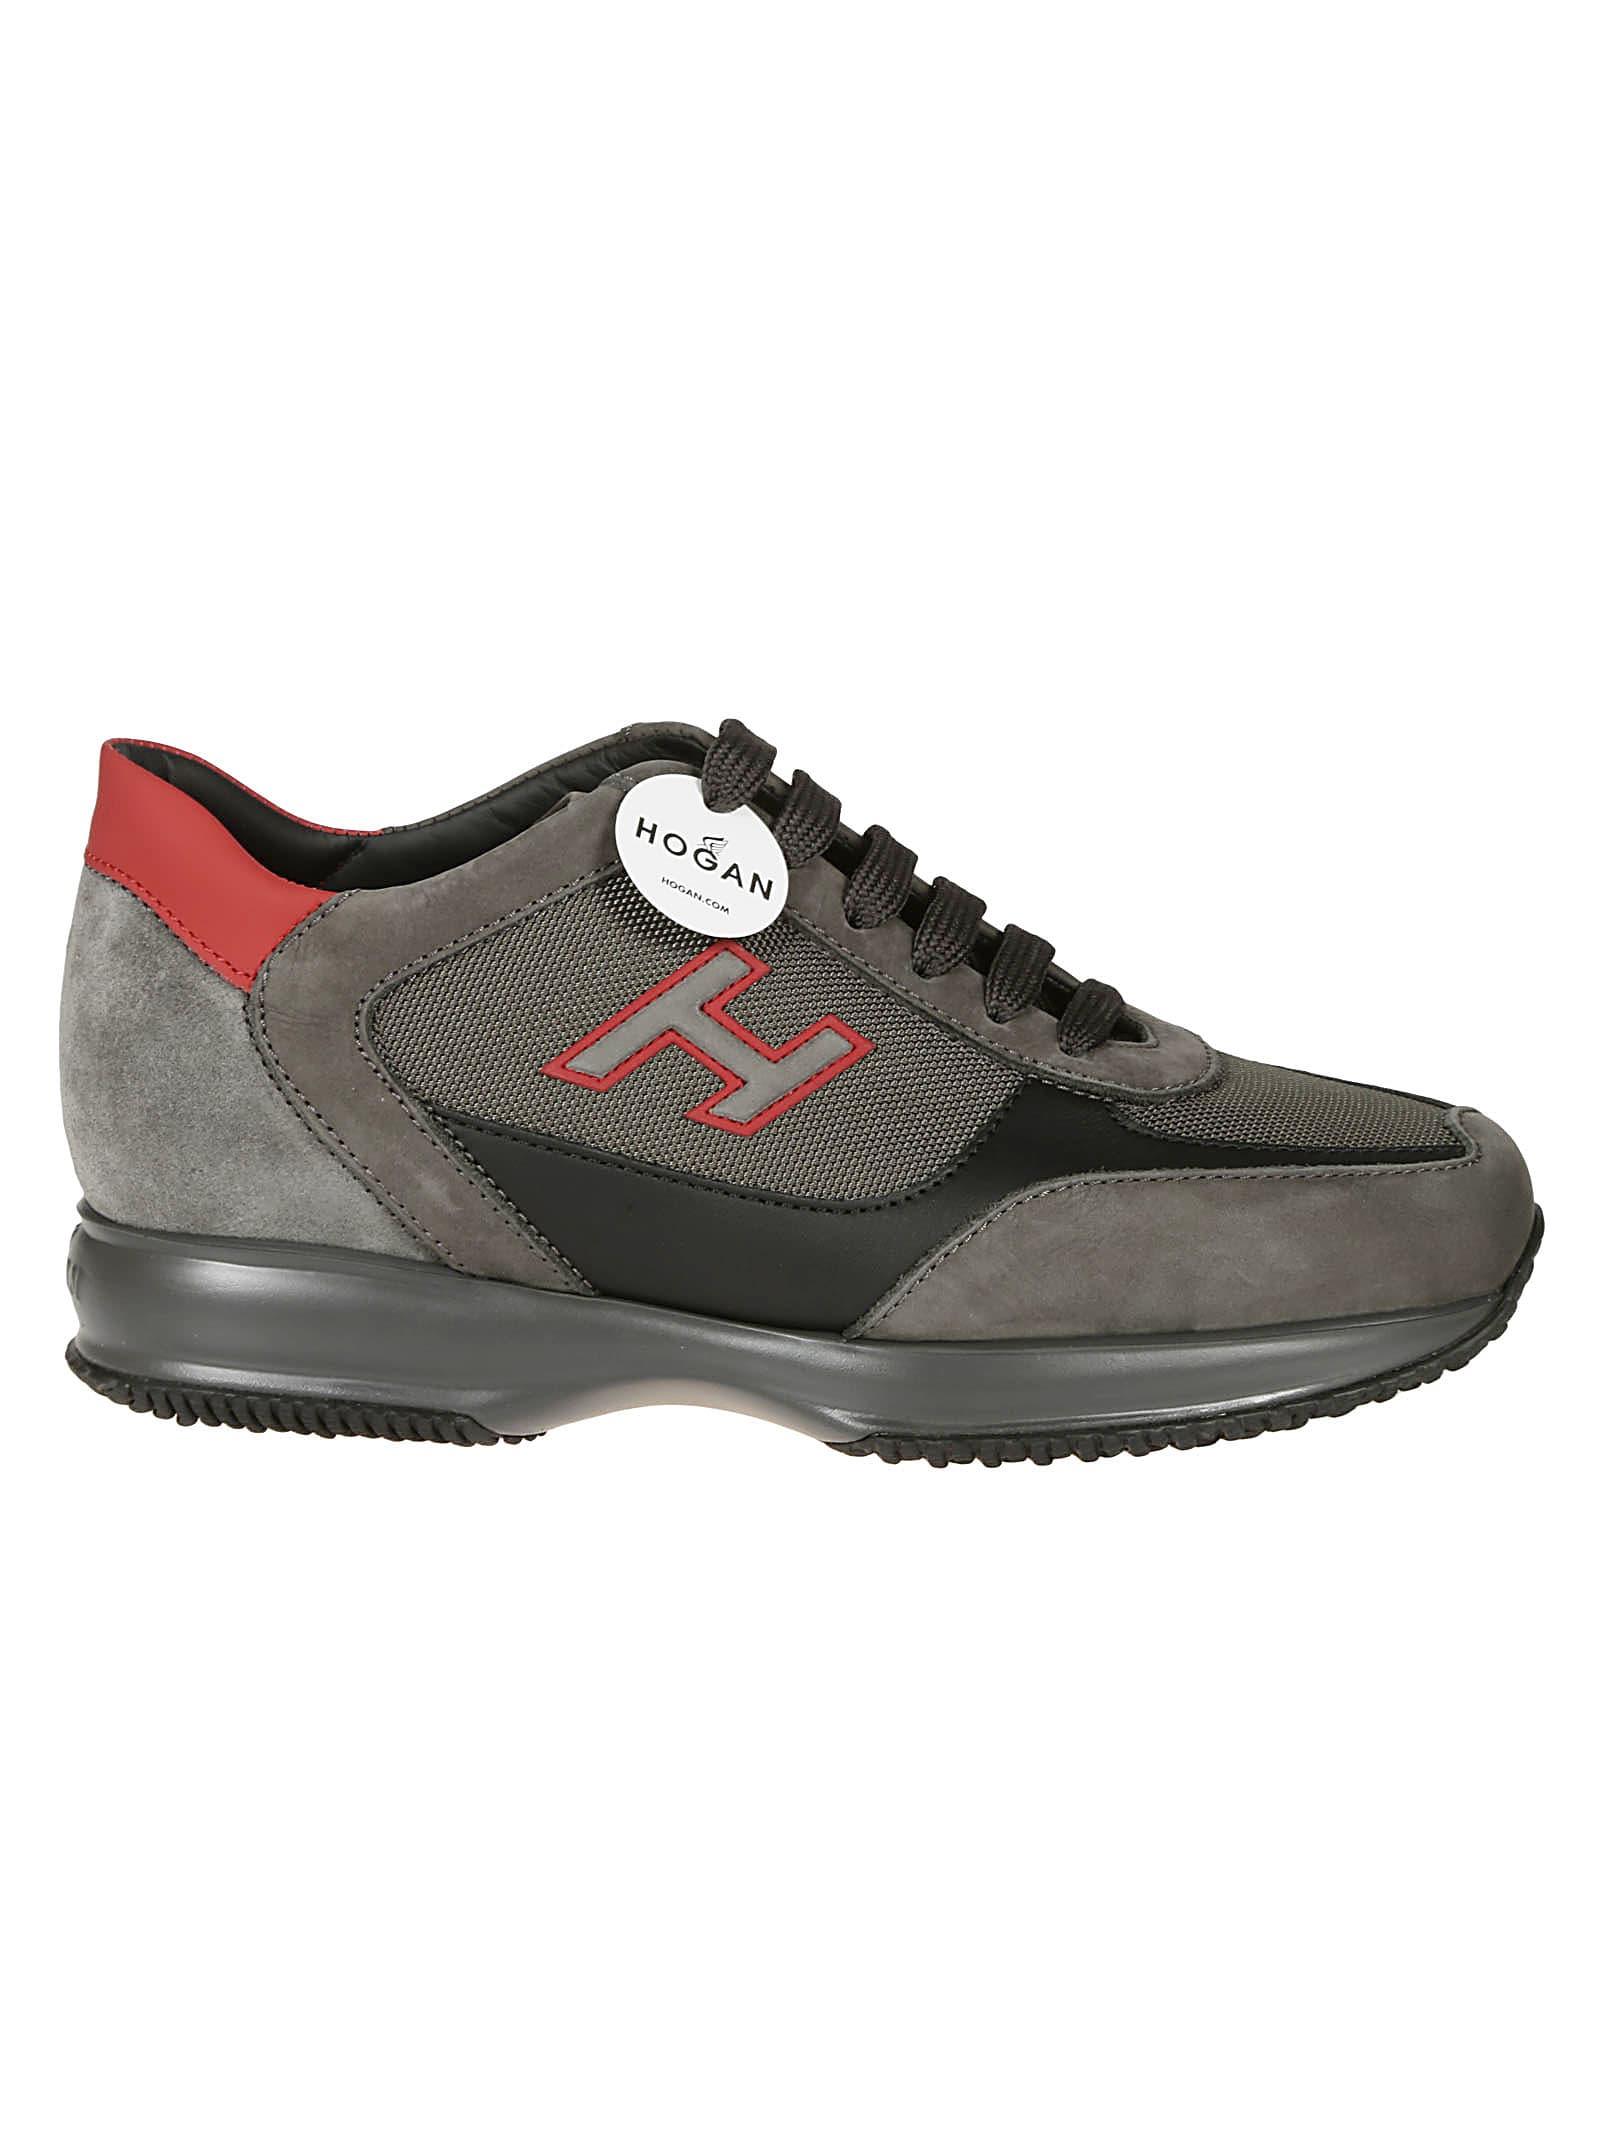 Hogan Interactive H-flock Sneakers In D Grigio | ModeSens